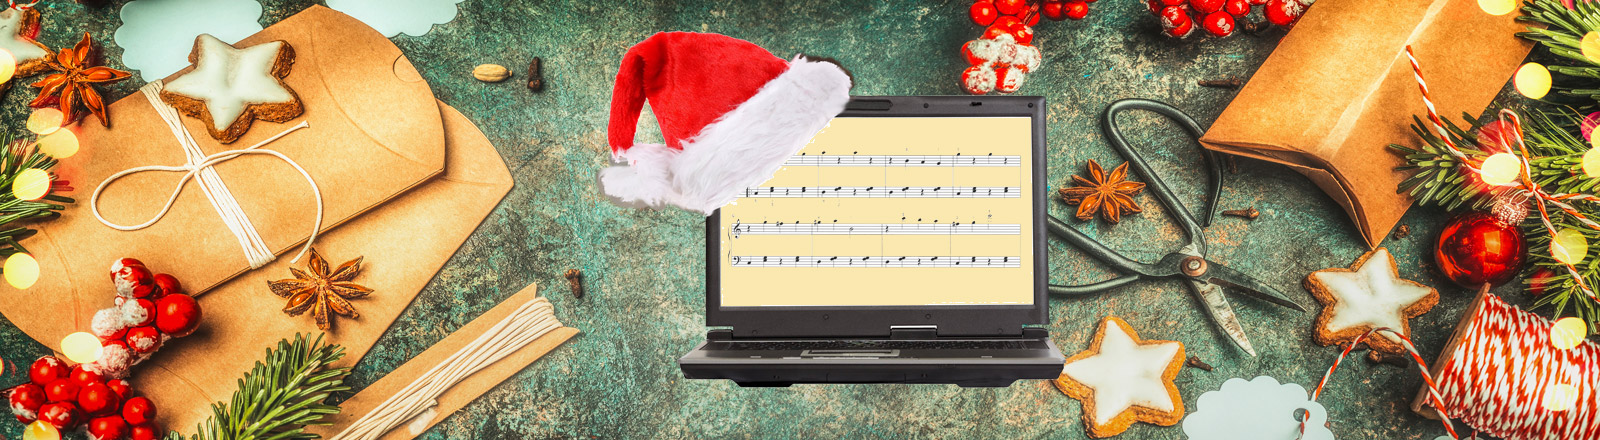 Ein Notebook mit einer Weihnachtsmütze vor Weihnachtsdekoration